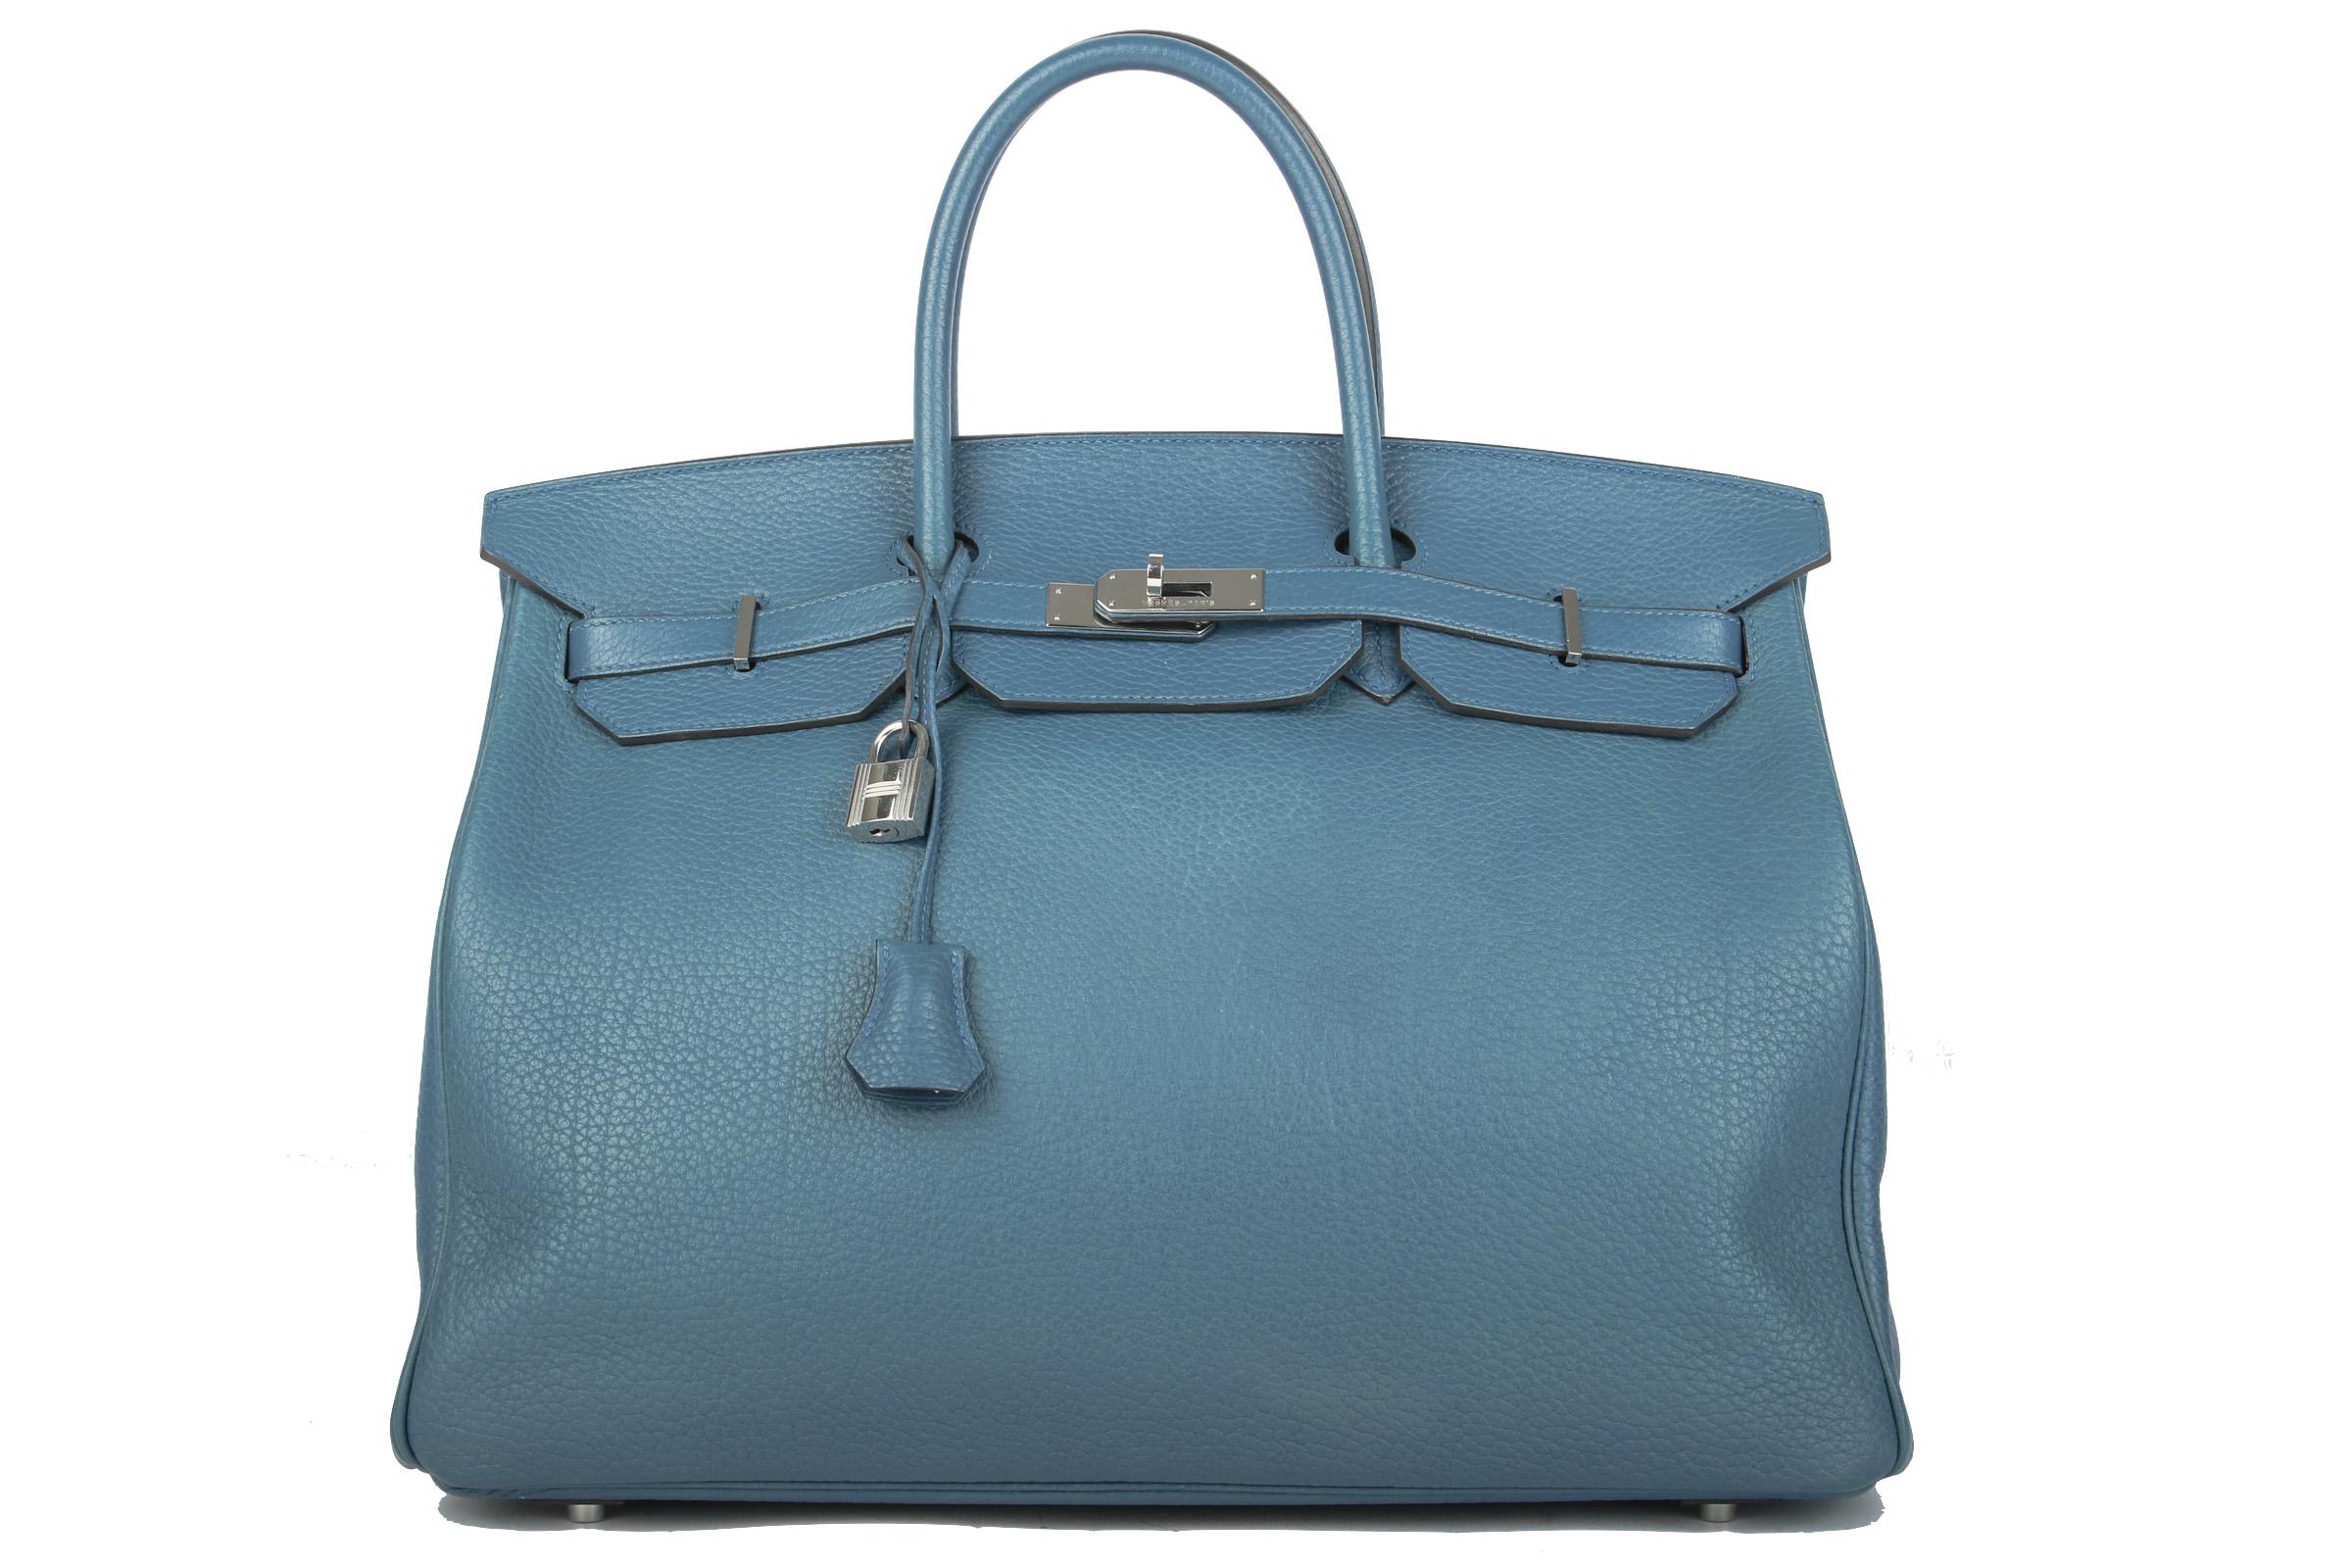 34acac4ddd7 Hermès Handbags & Accessories | Luxussachen.com